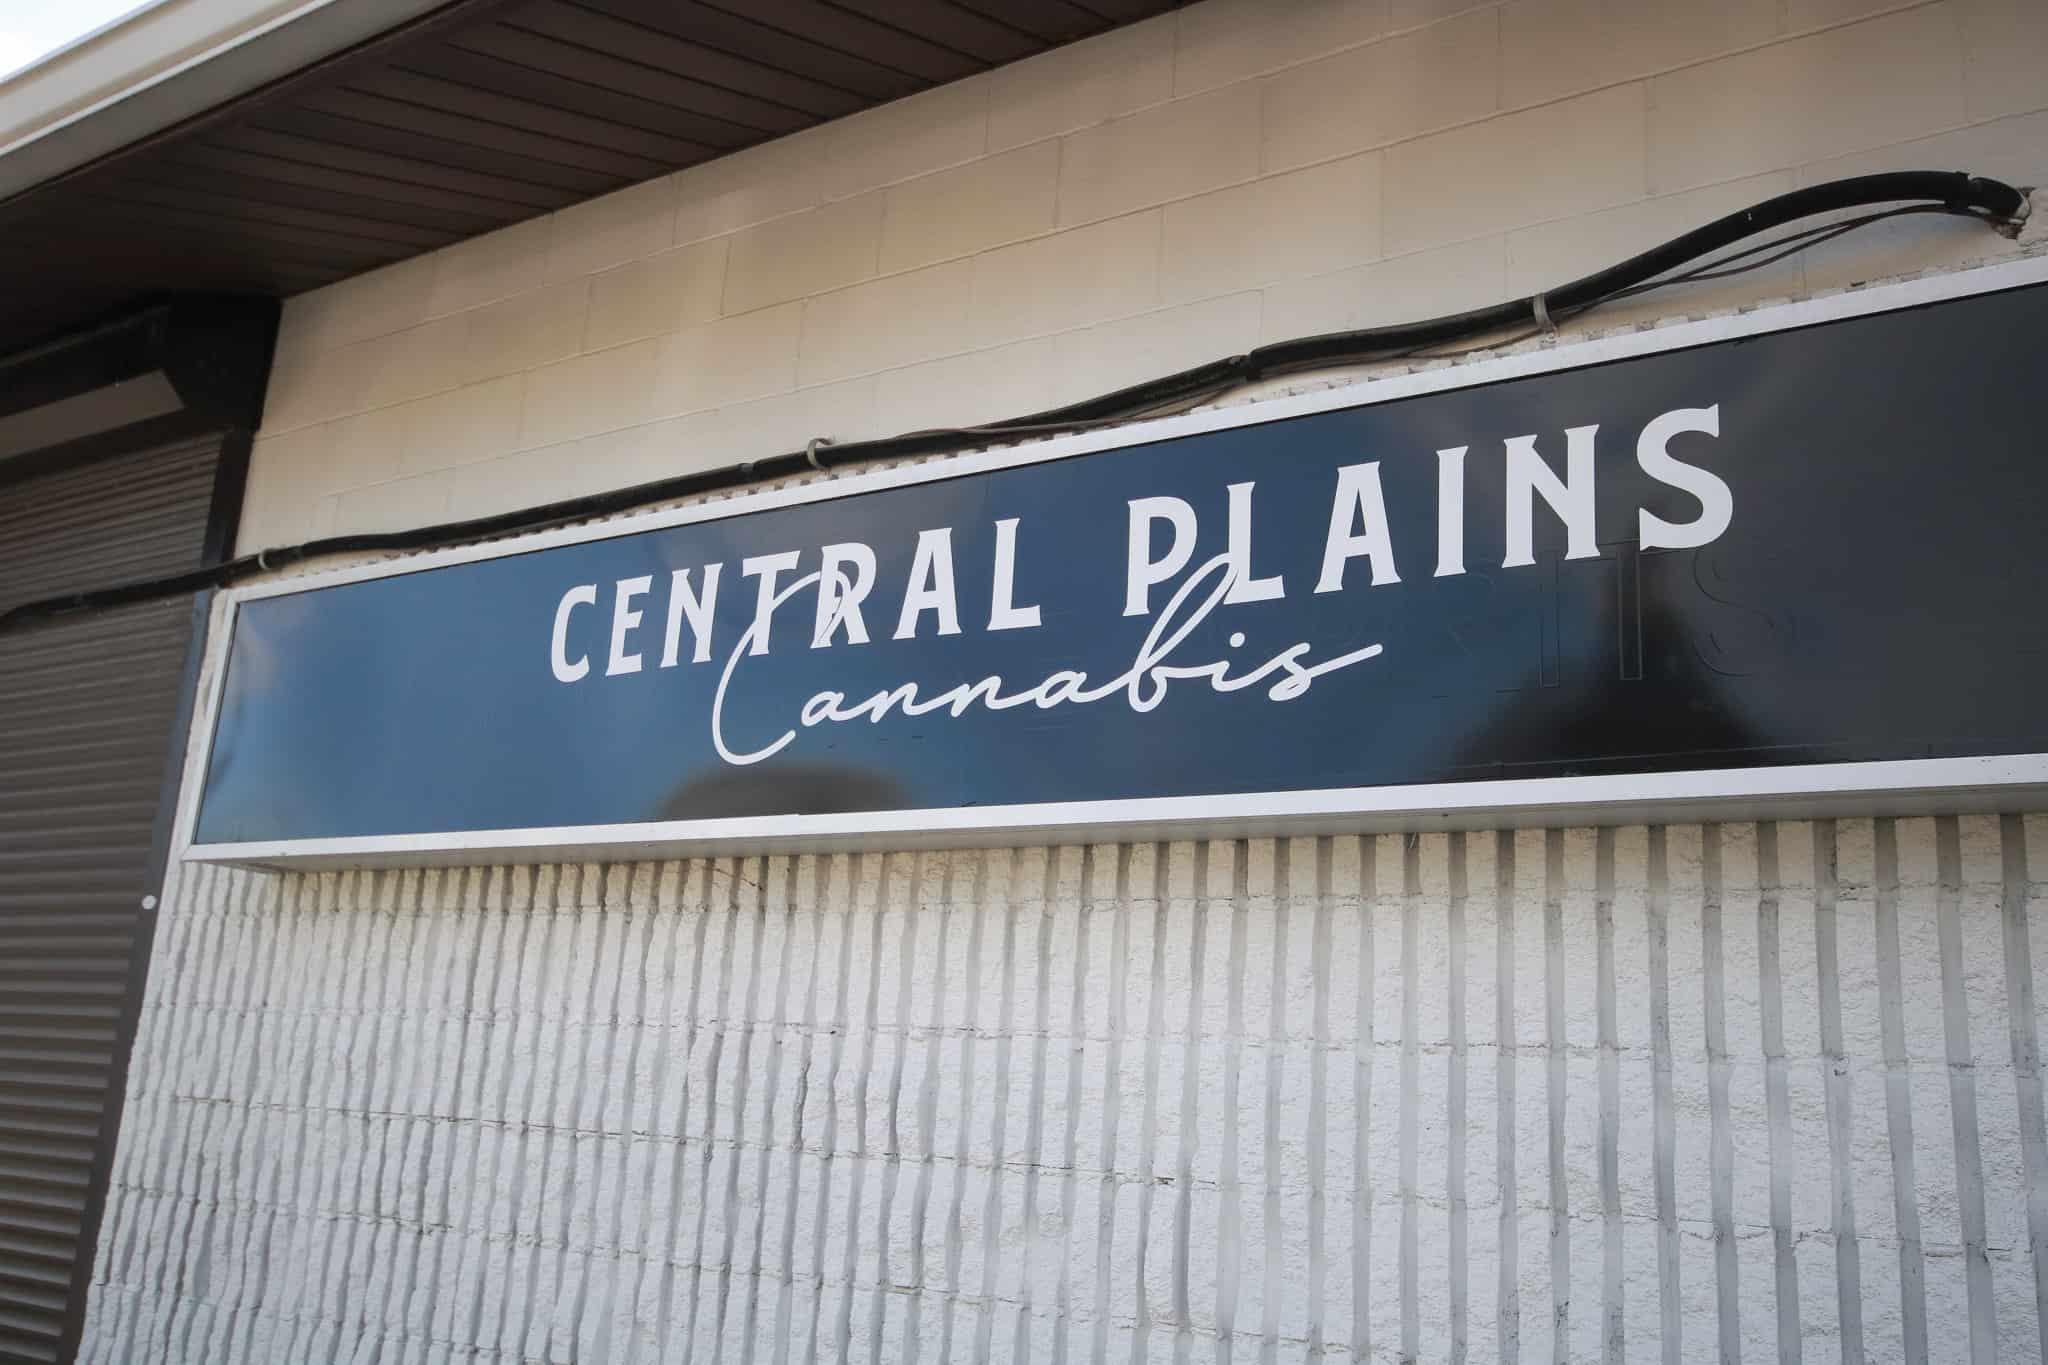 20201114-Central plains